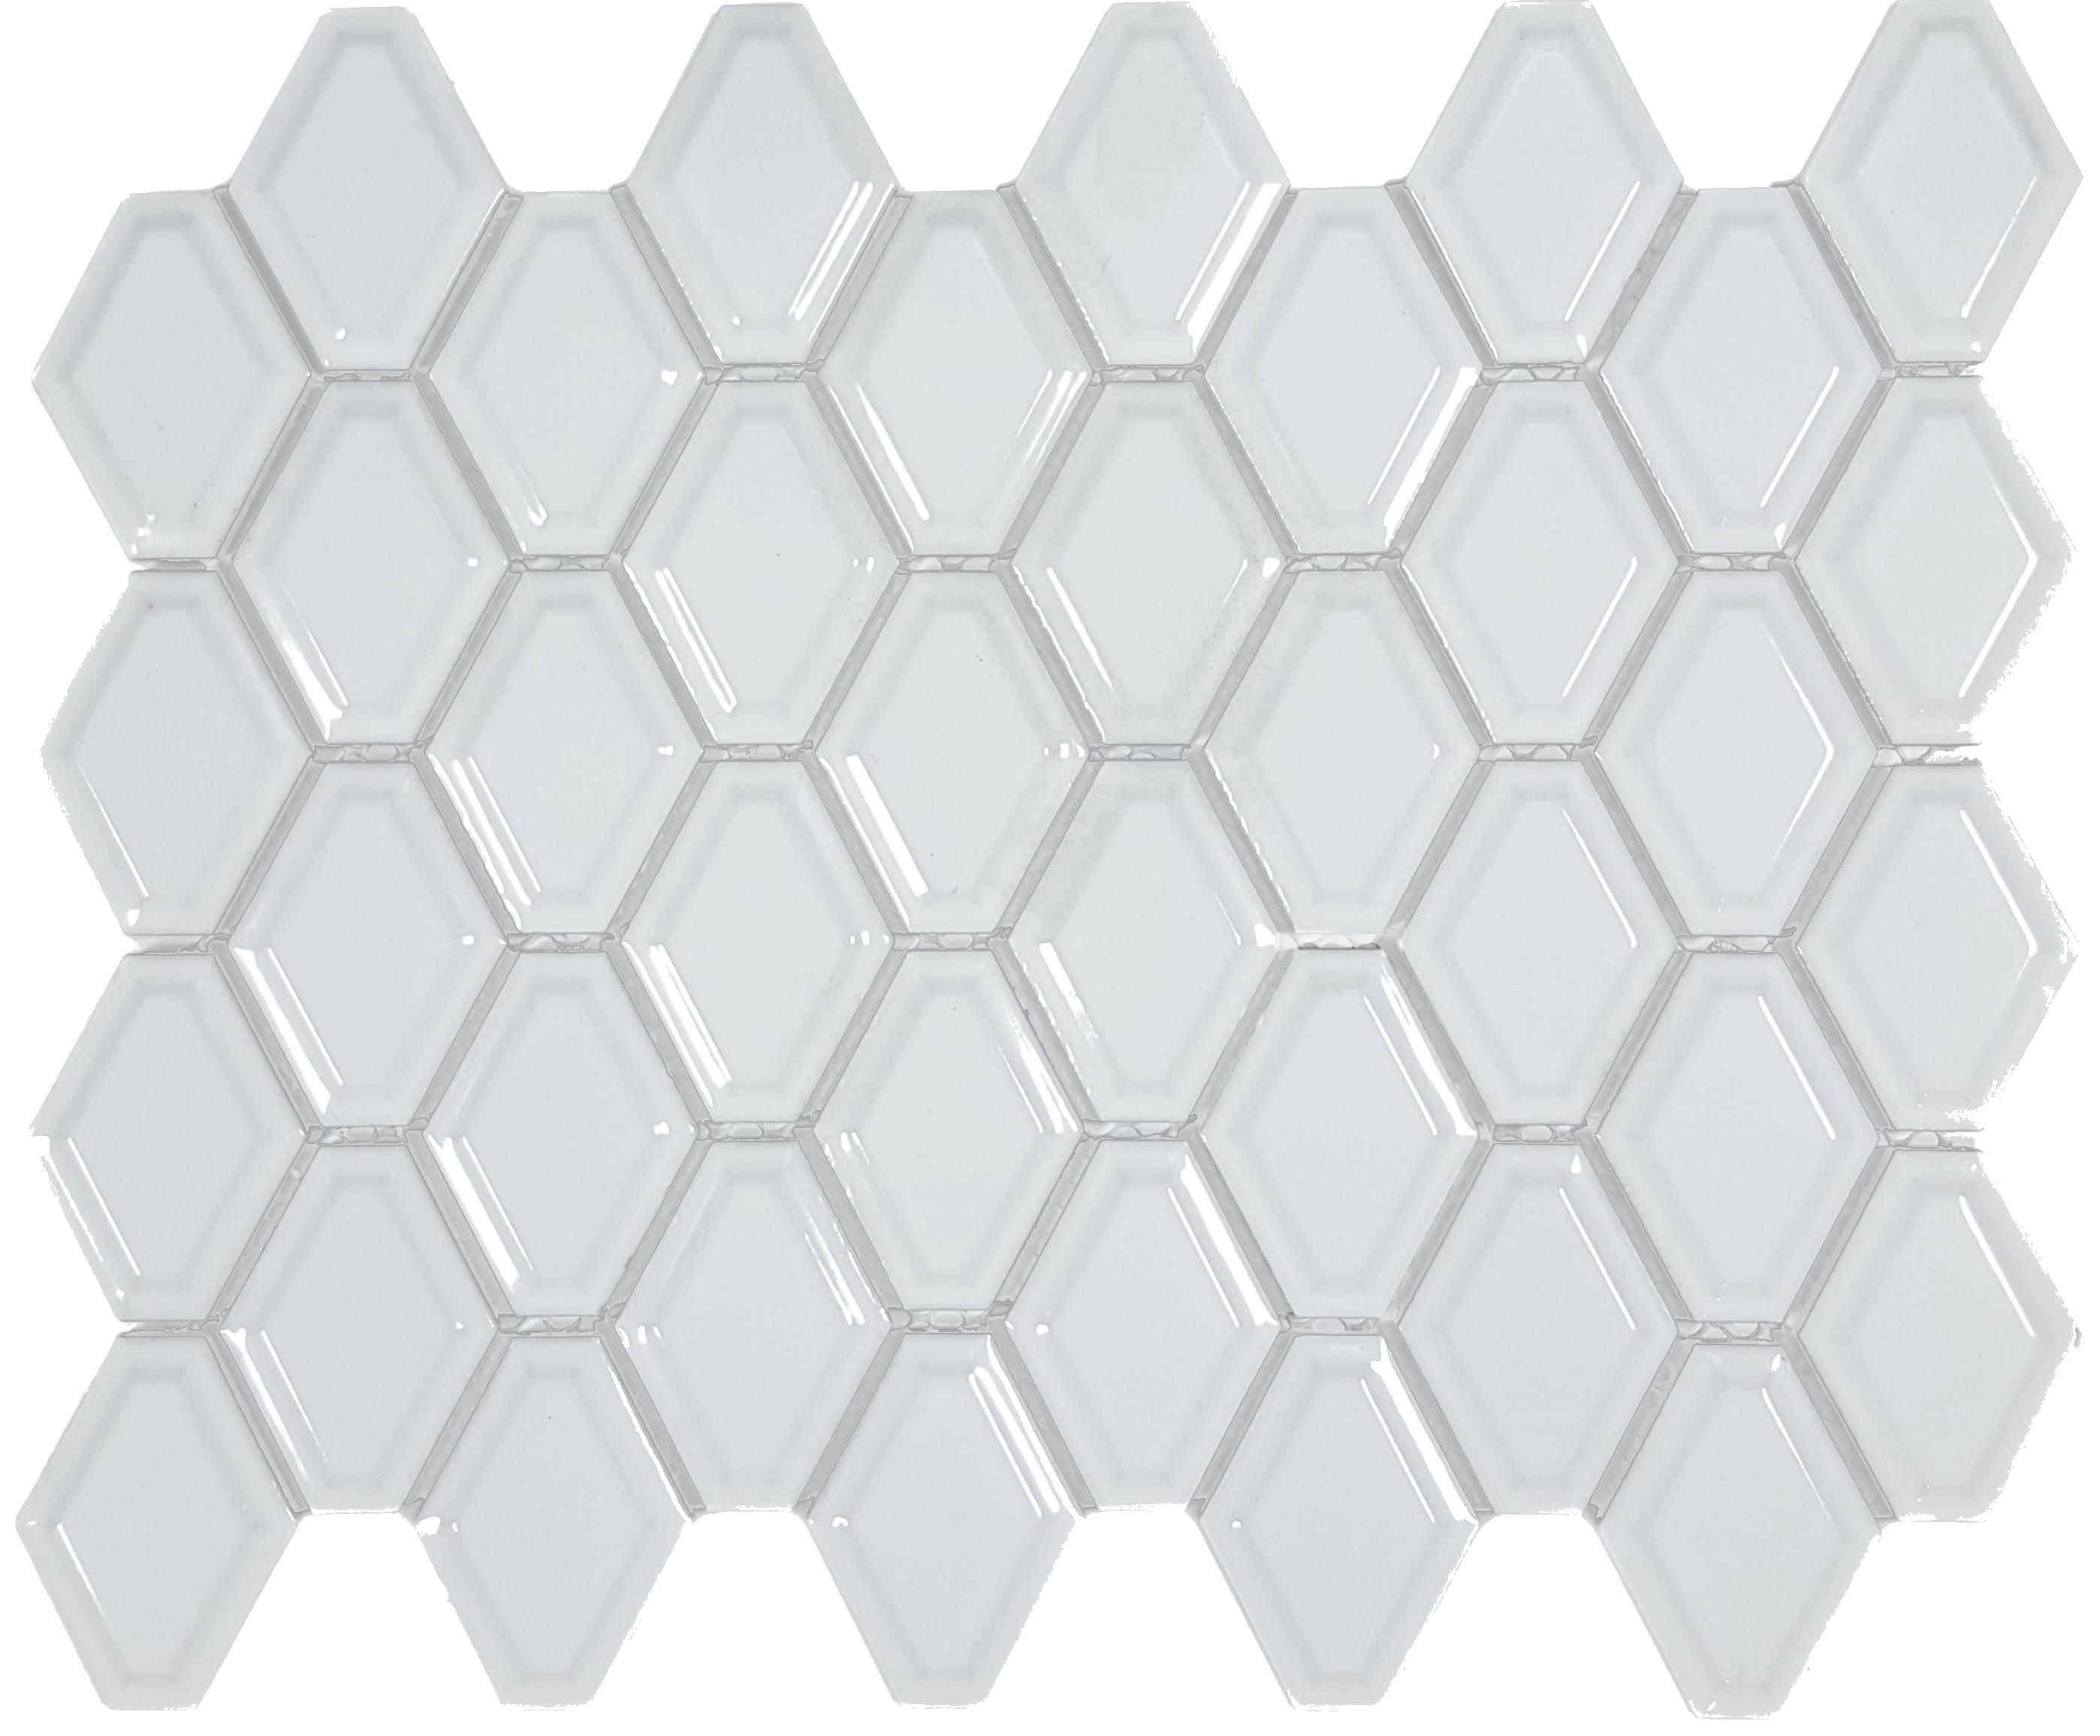 Soho White Convex